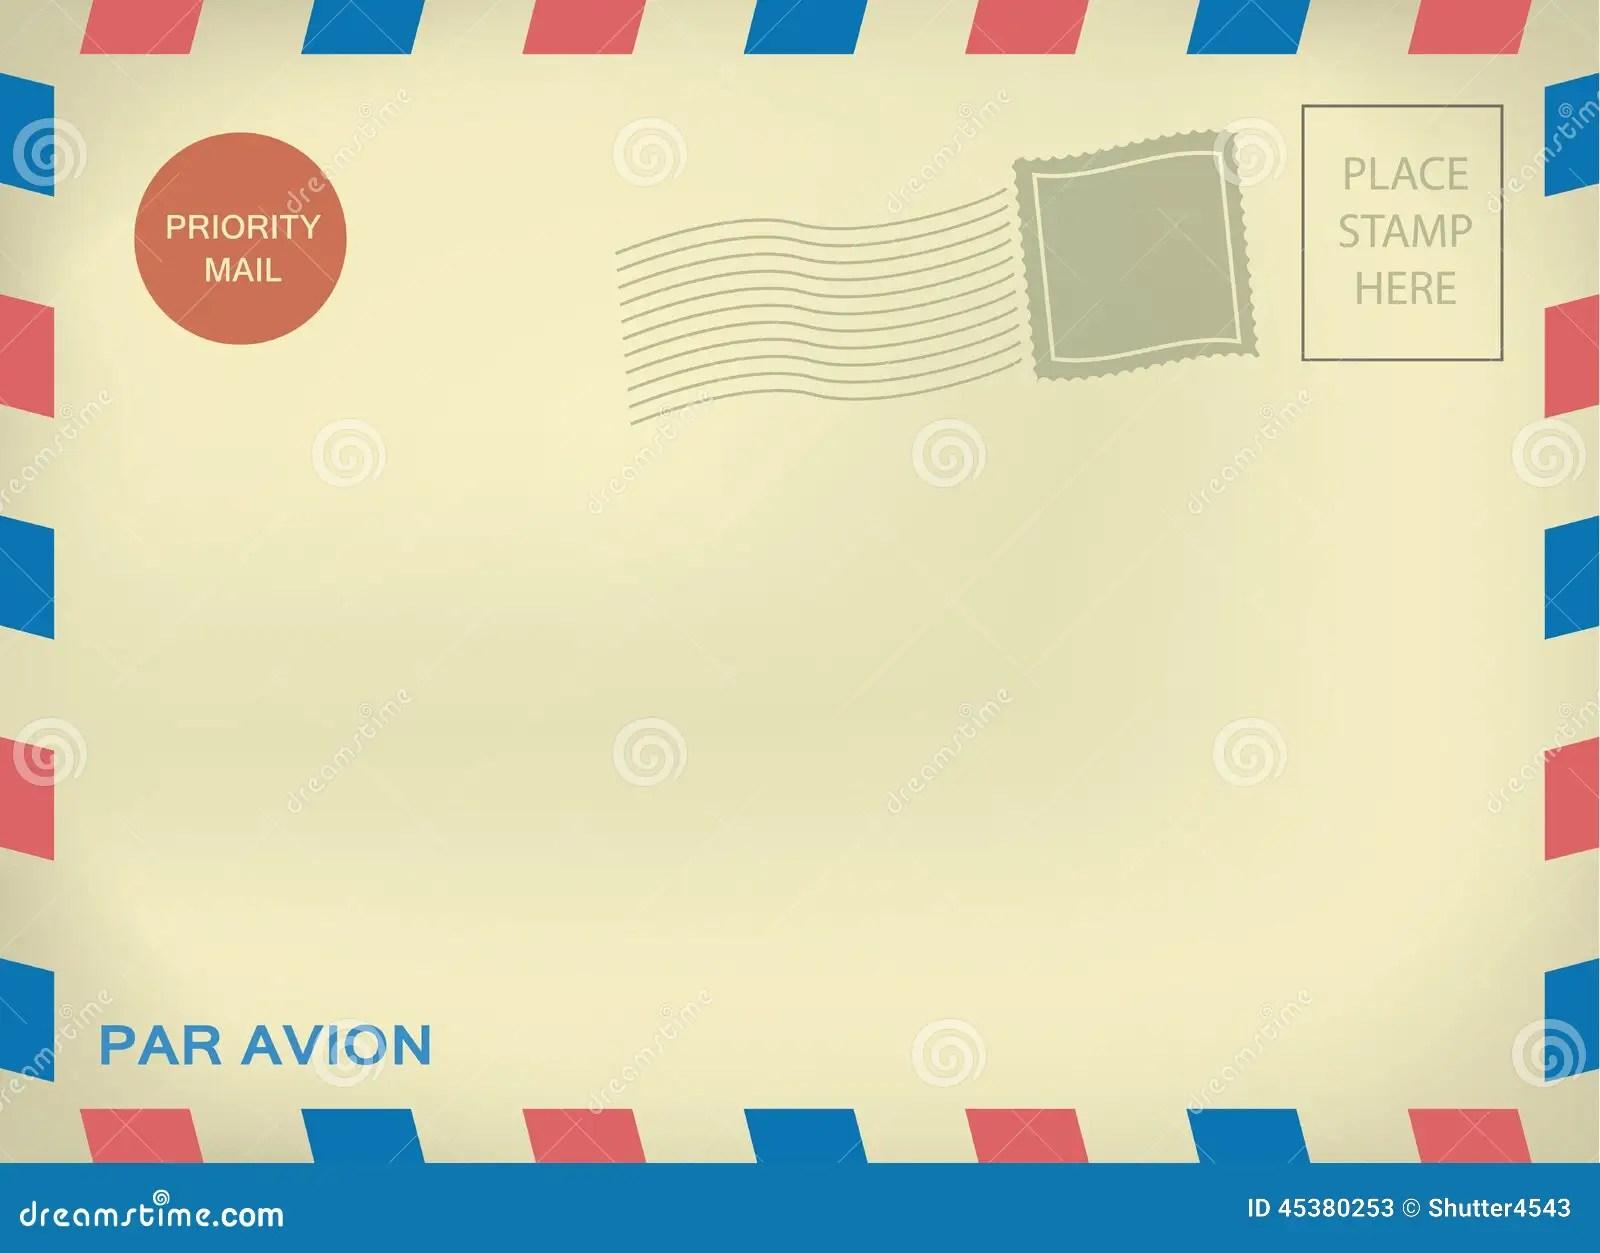 Mailing Enveloper Par Avion On Aged Paper Stock Vector